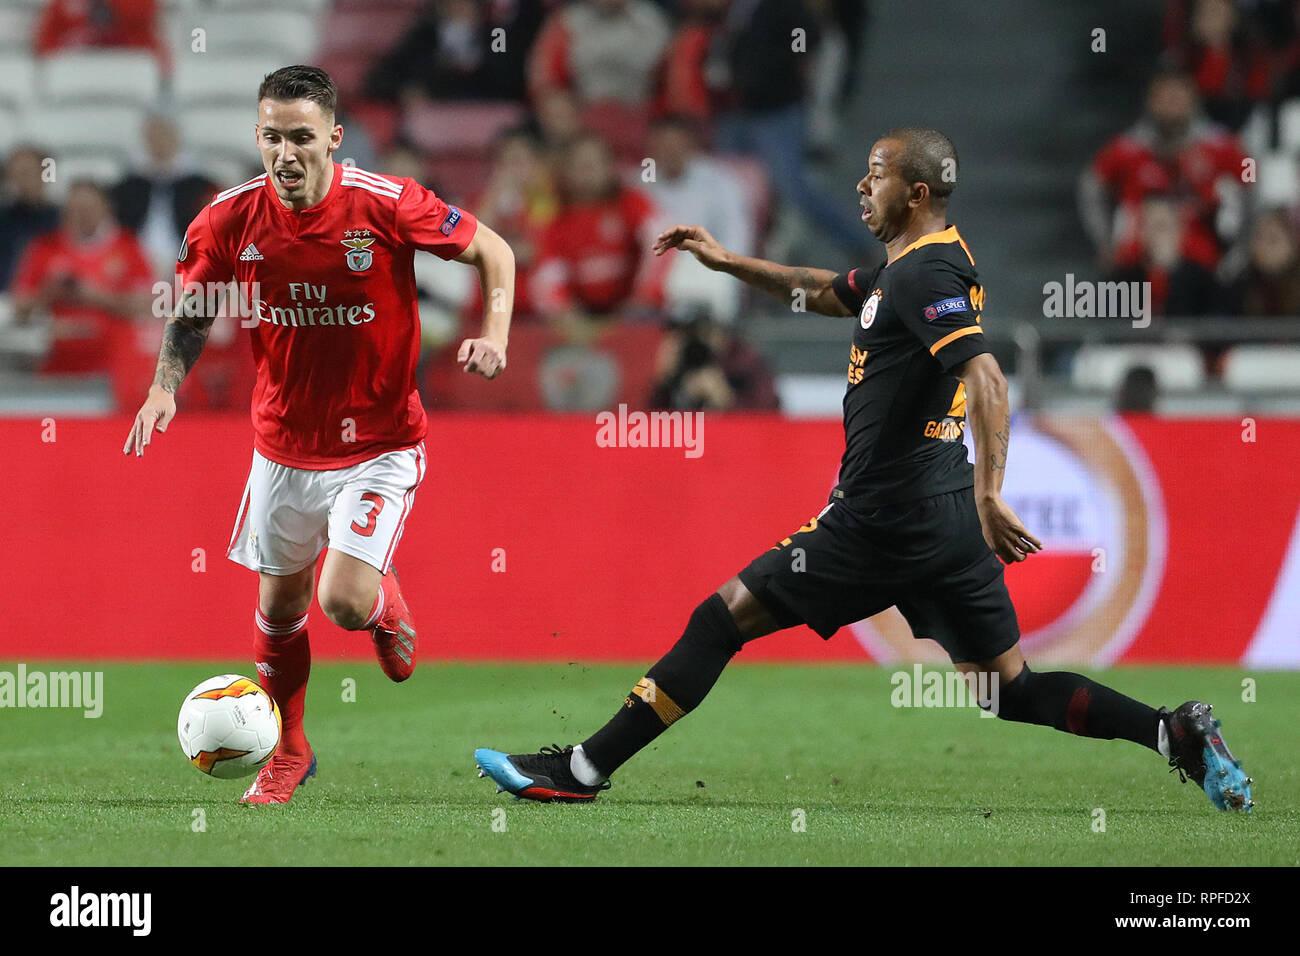 6e59de7307a0e Álex Grimaldo of SL Benfica in action during the Europa League 2018 2019  footballl match